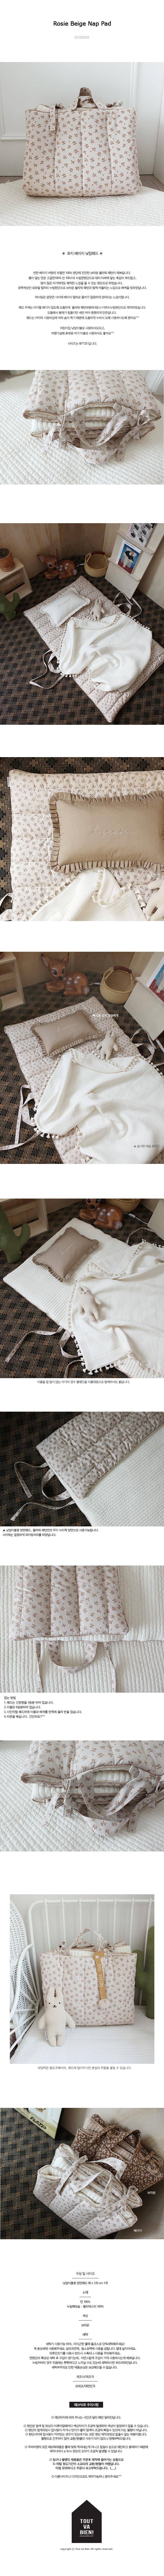 로지 베이지 낮잠패드 - 뚜바비엥, 76,000원, 패브릭/침구, 낮잠이불